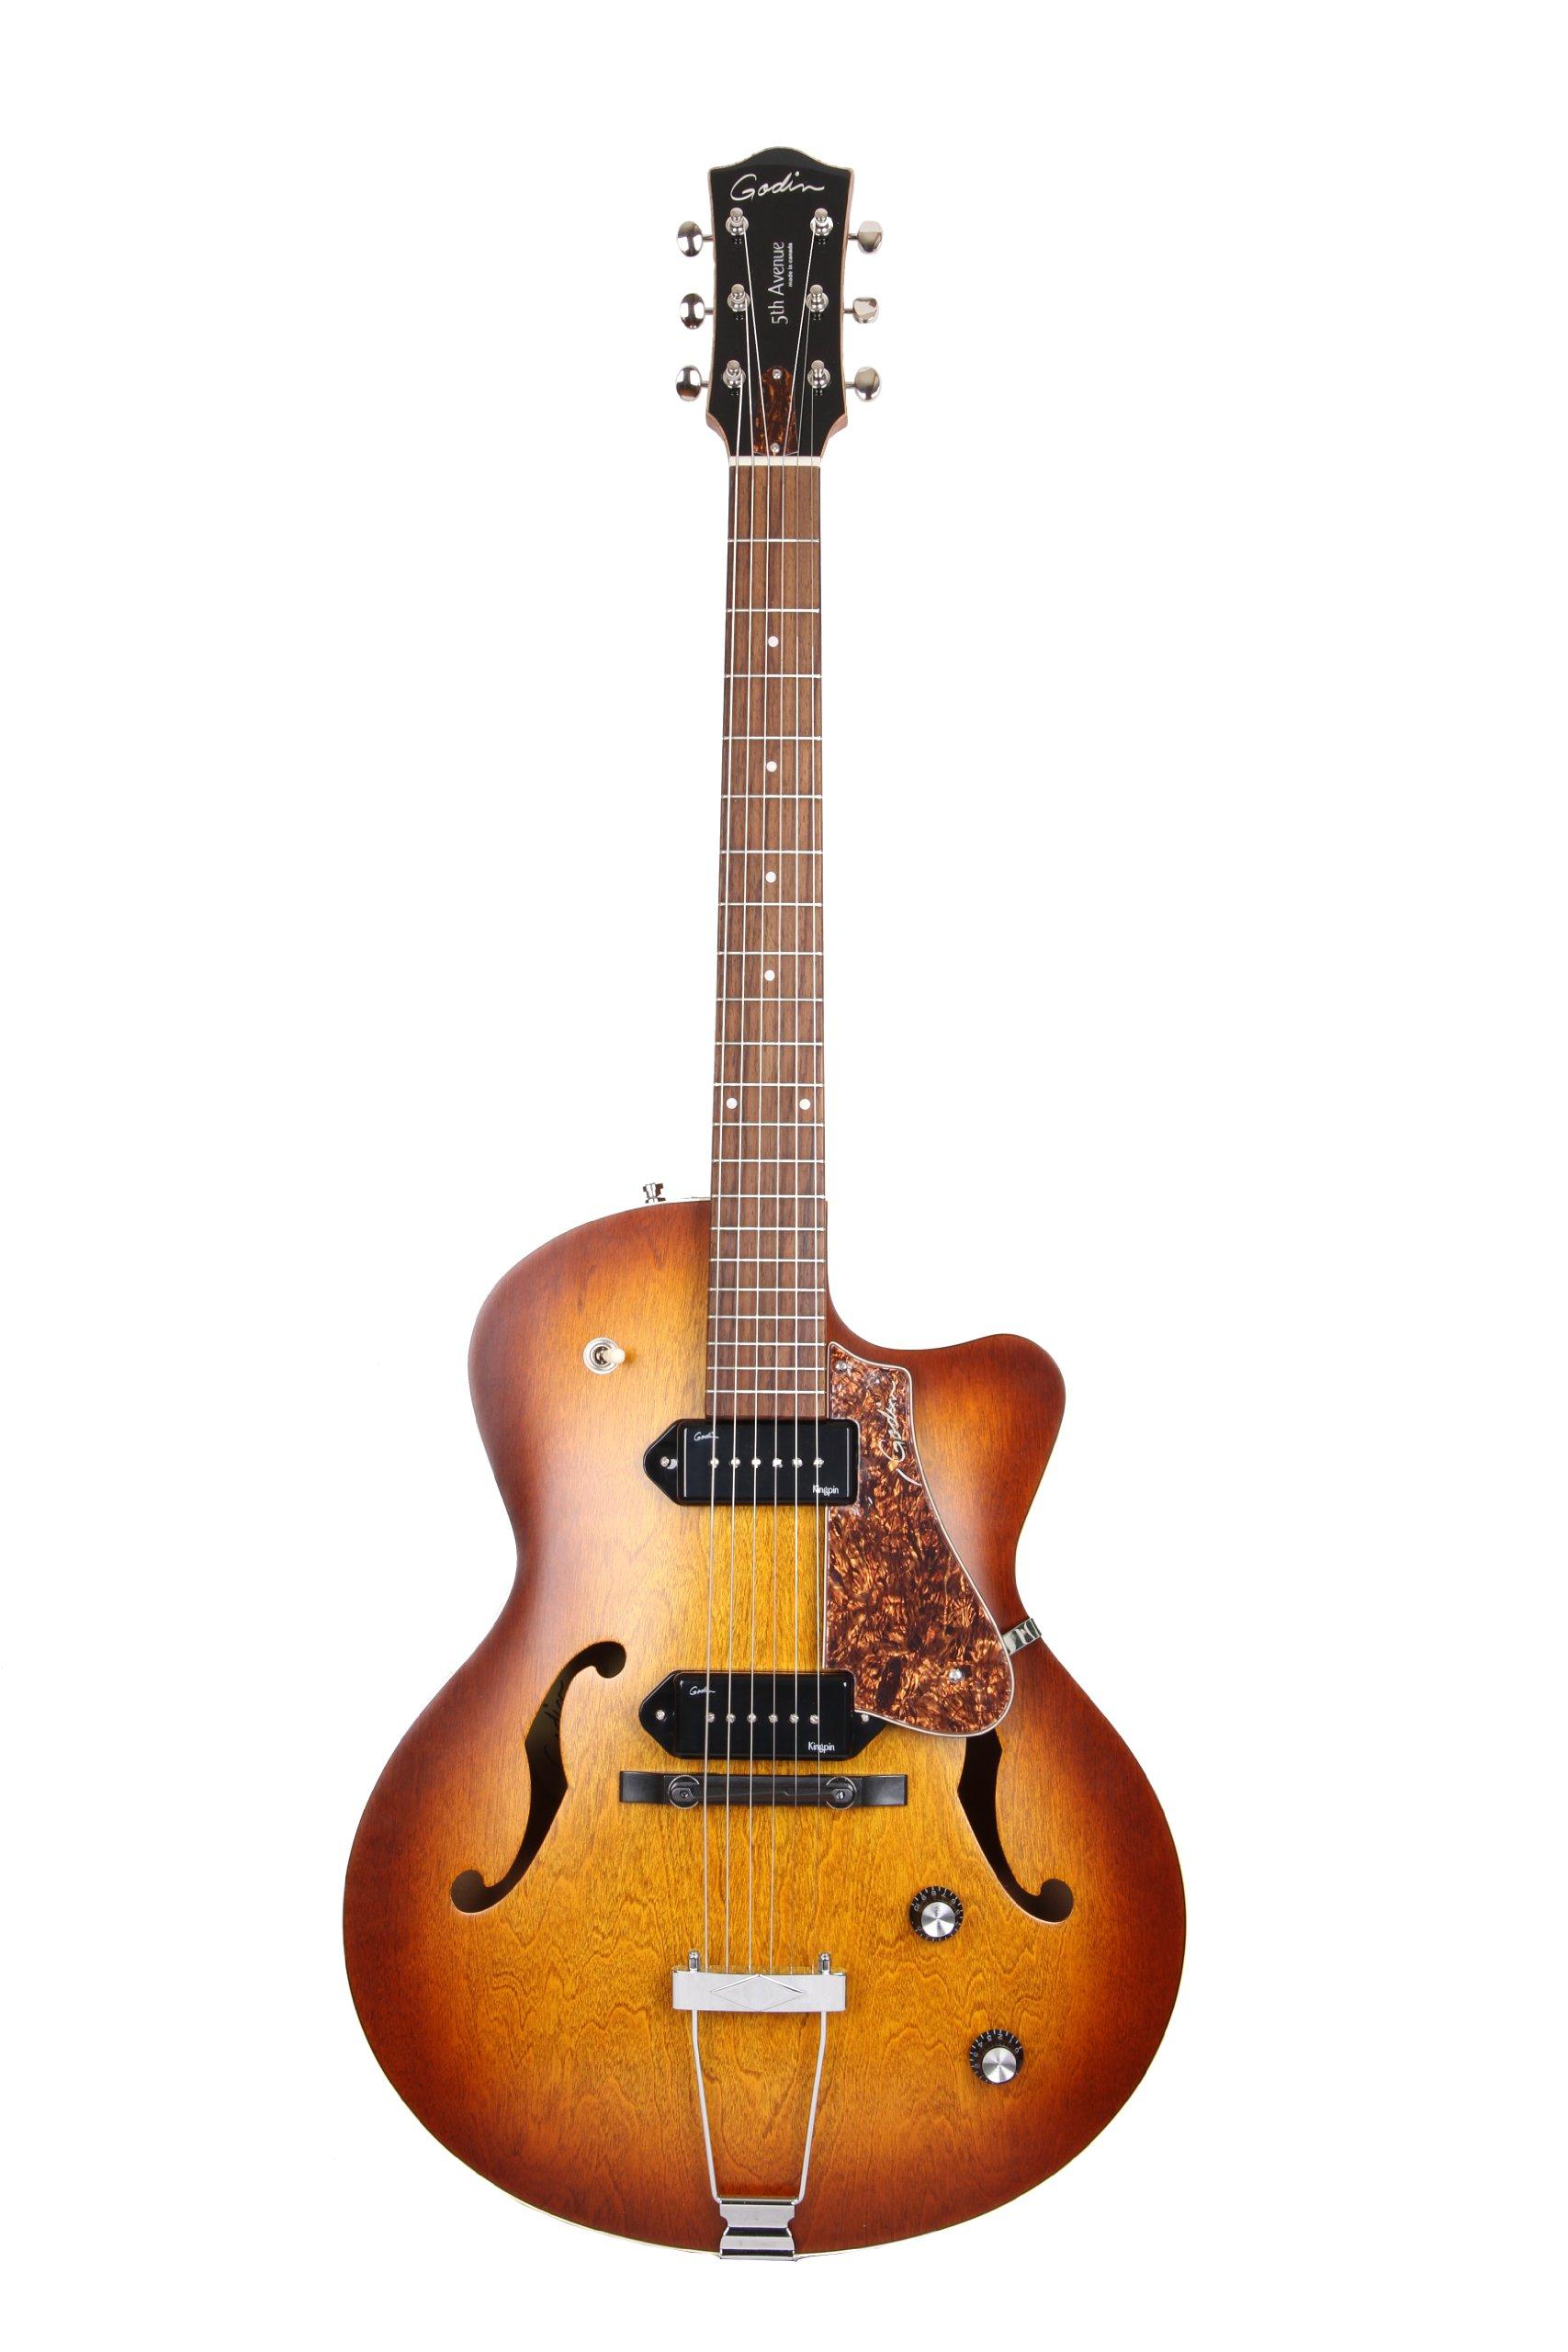 Godin 5th Avenue CW Electric Guitar (Kingpin II, Cognac Burst)